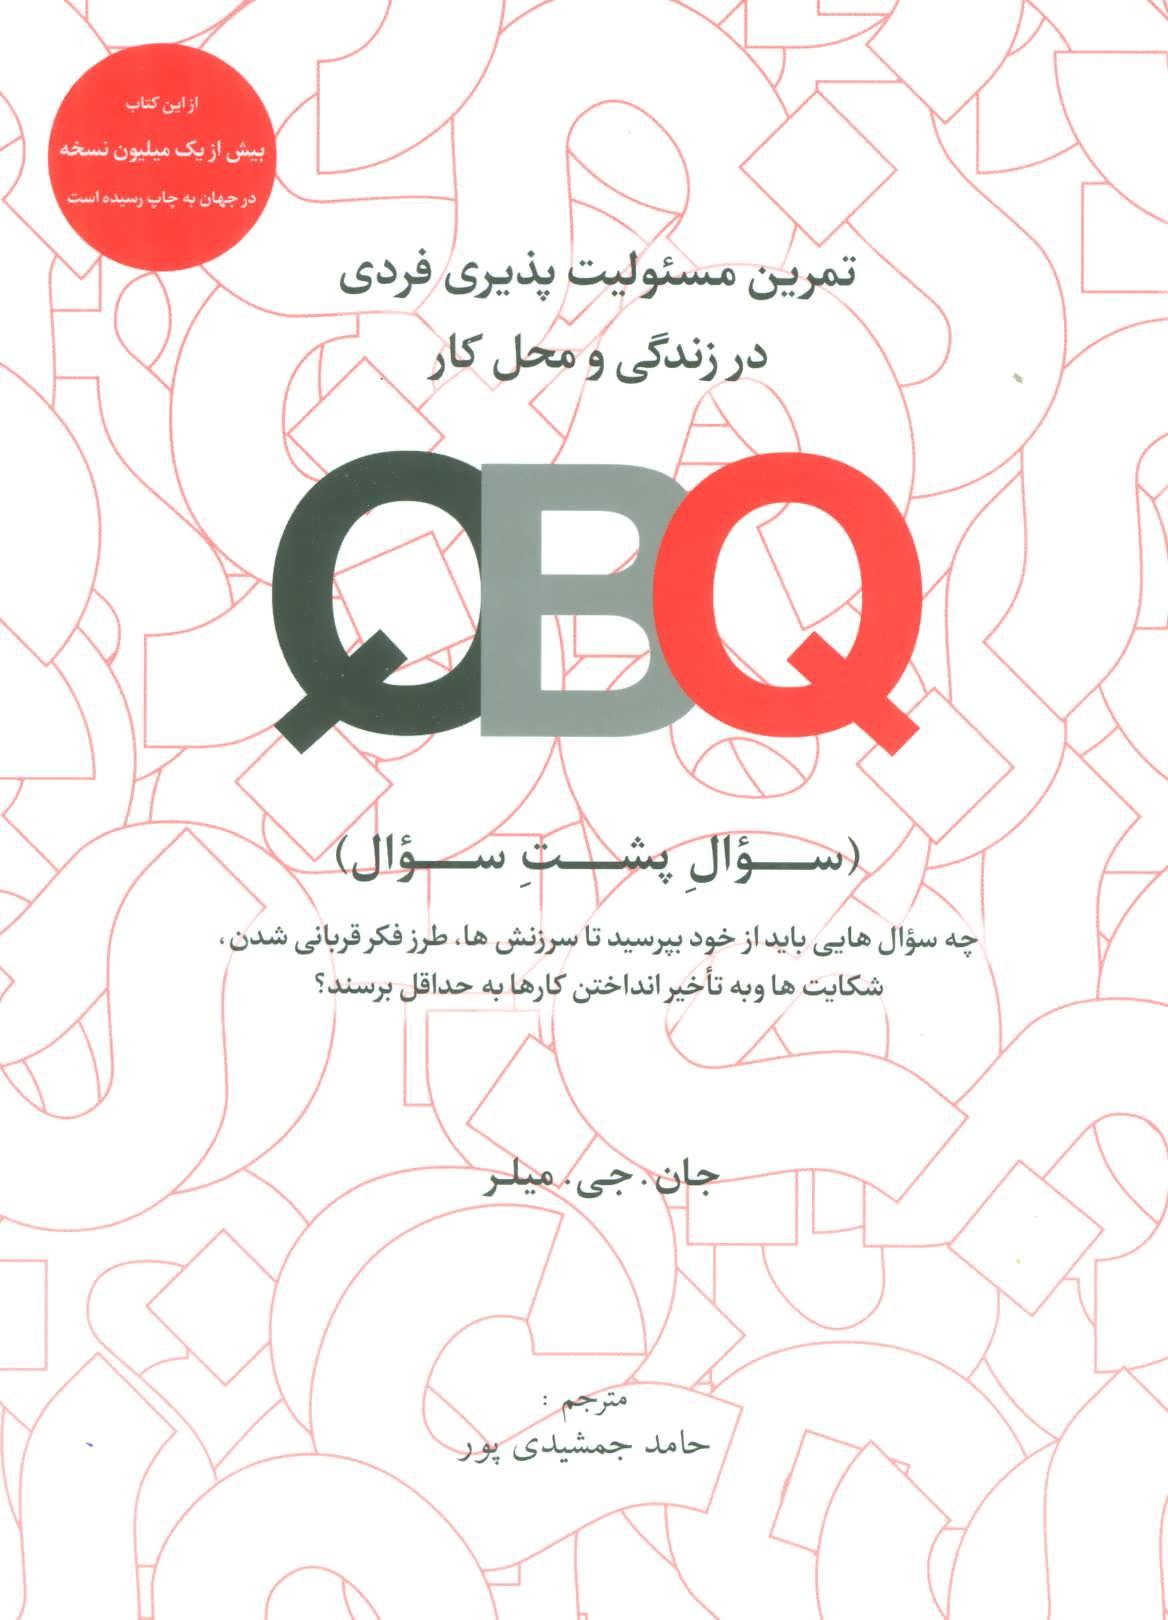 کتاب QBQ (سوال پشت سوال)